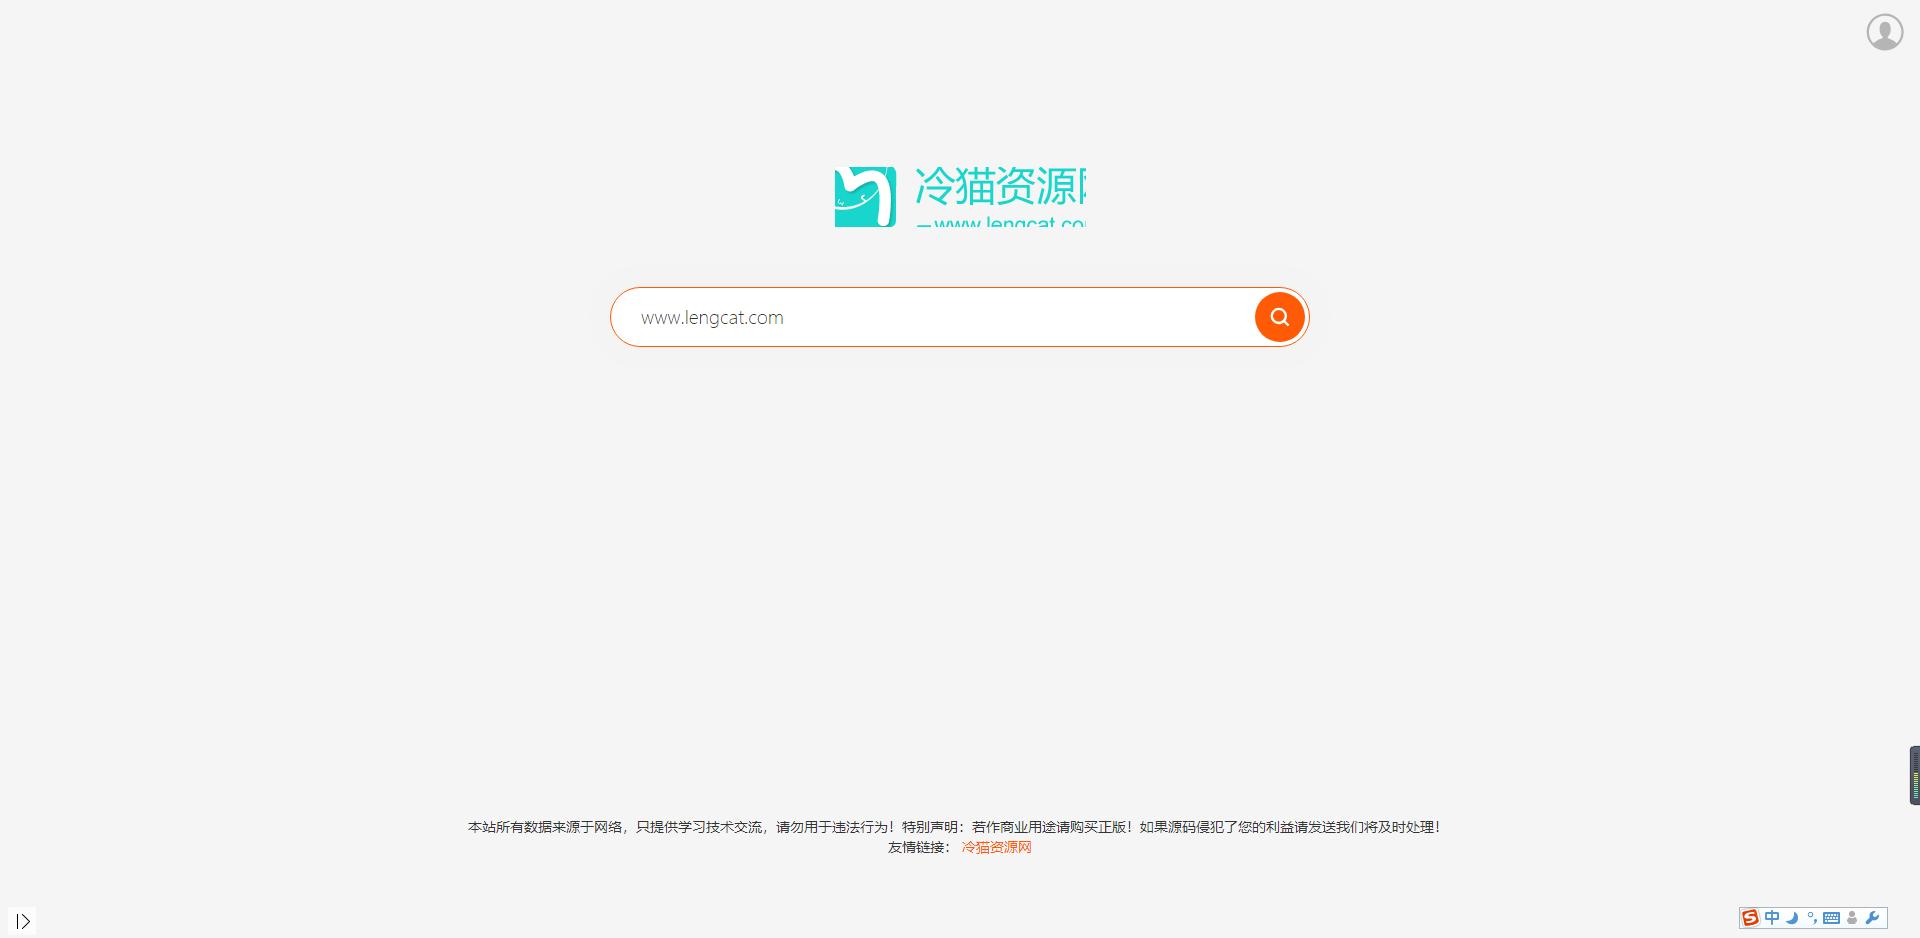 亲测丨代下狗源码素材代下完整运营级别php源码搜索引擎系统素材付费下载系统源码